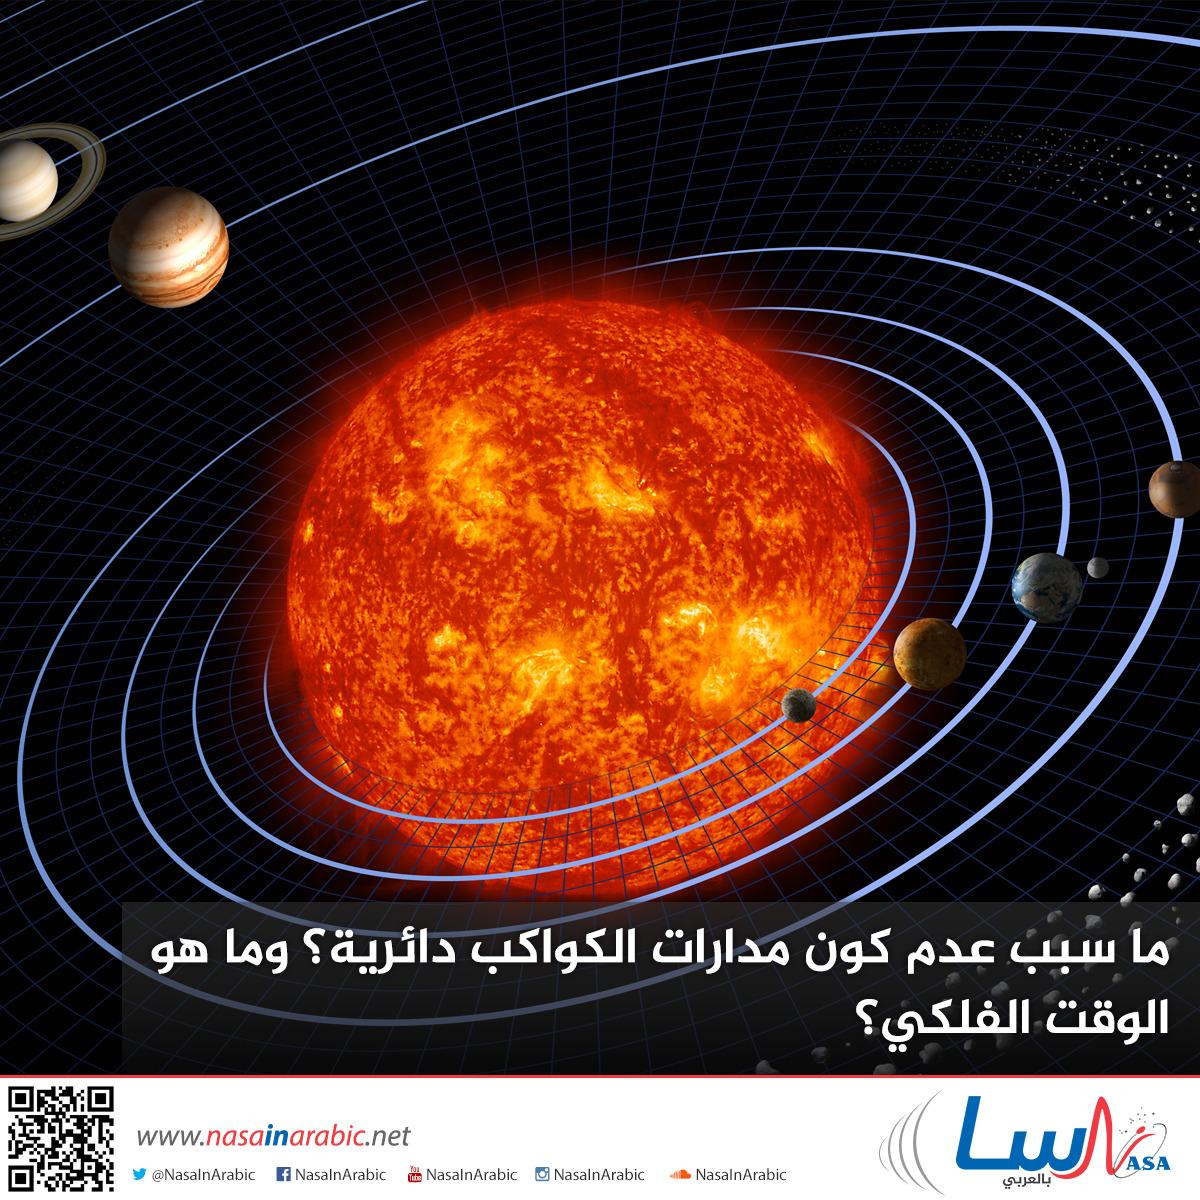 ما سبب عدم كون مدارات الكواكب دائرية؟ وما هو الوقت الفلكي؟